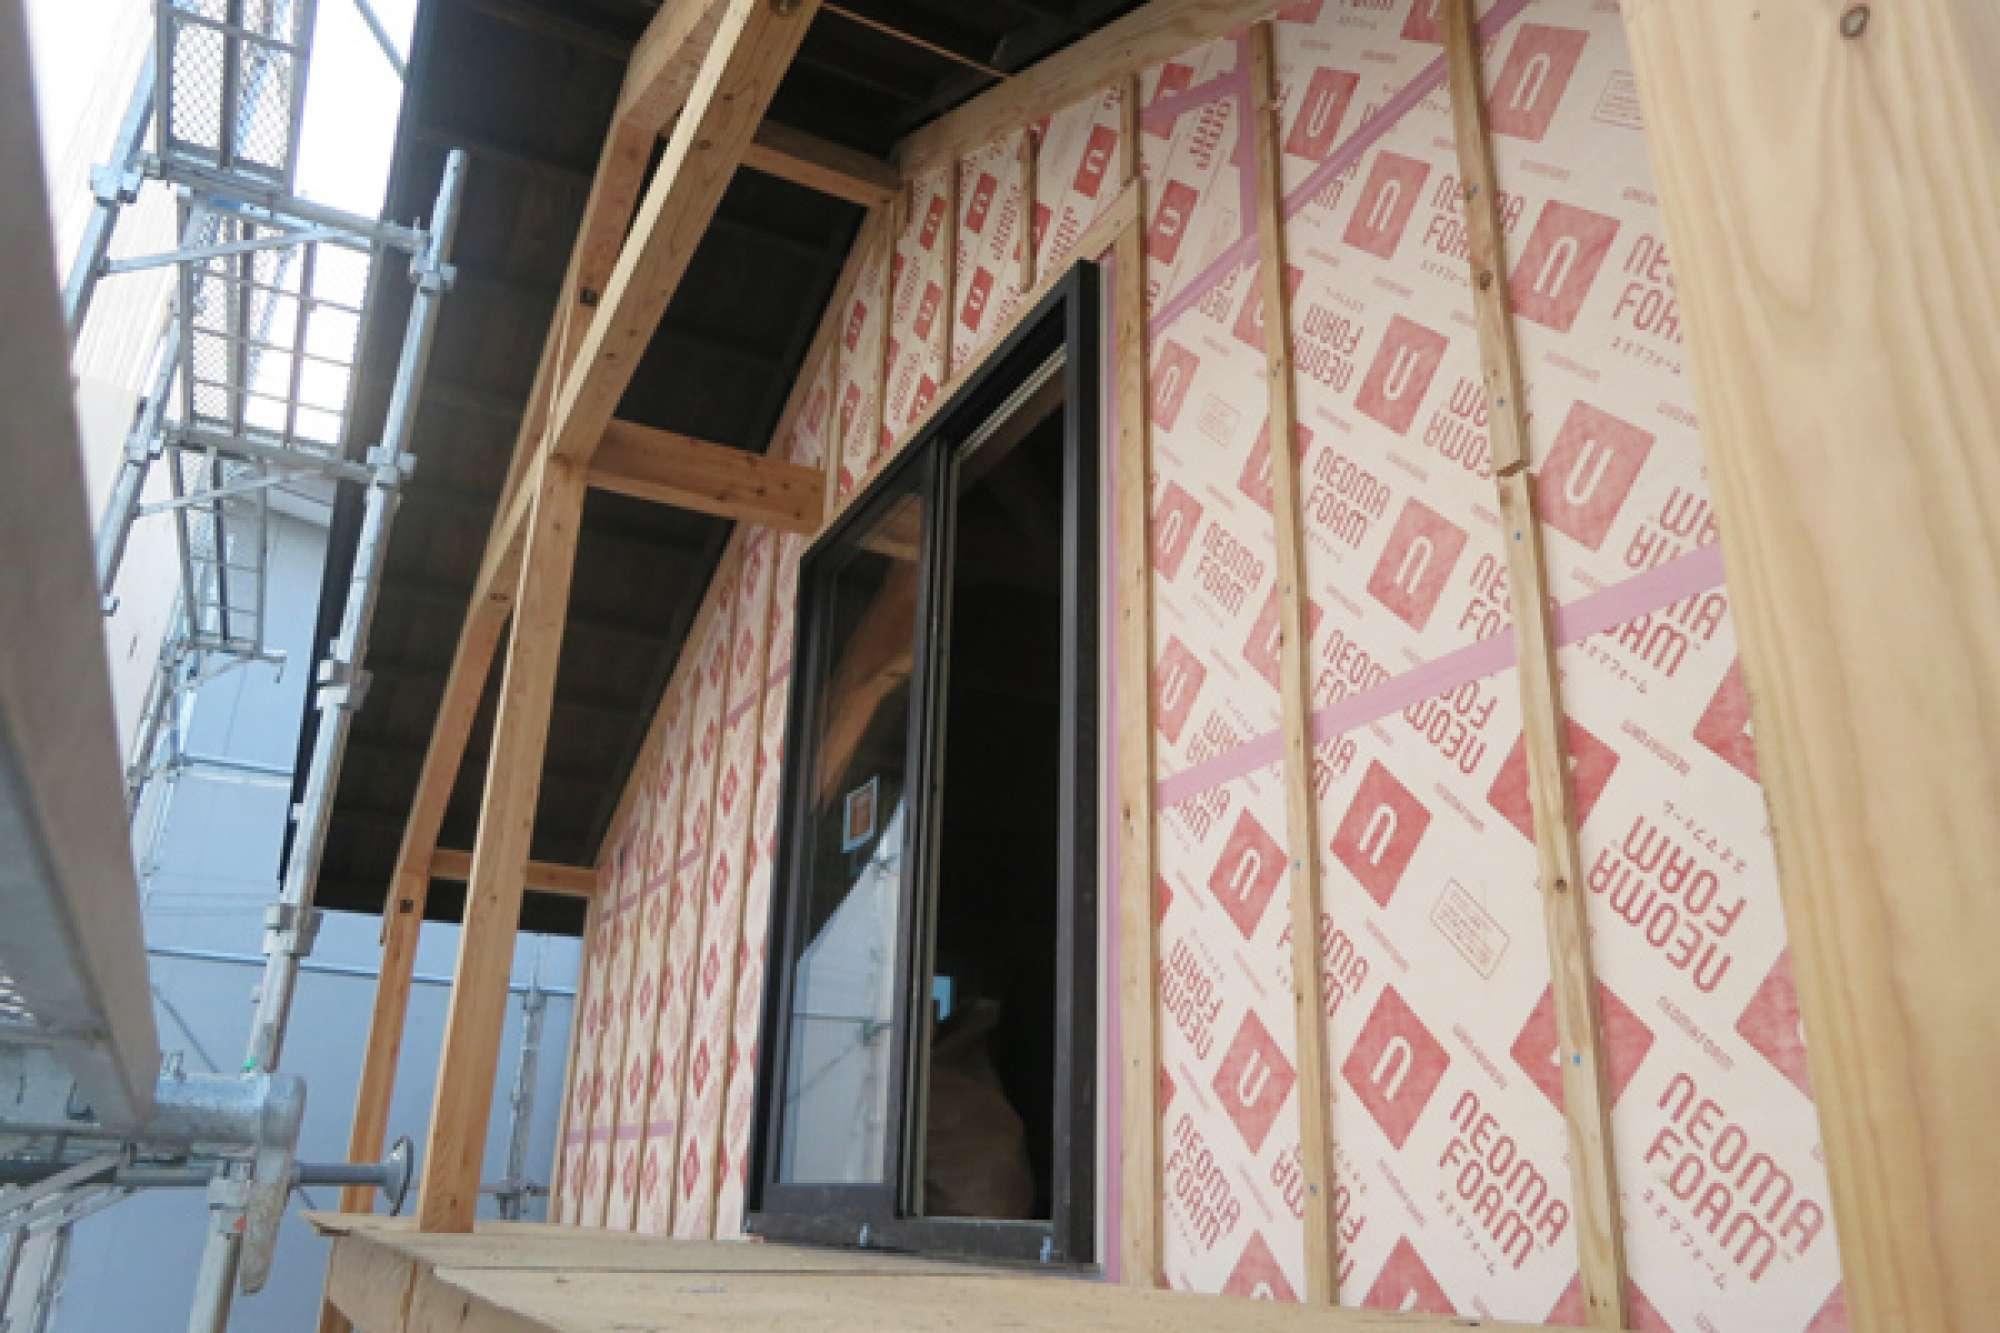 - ワープして2021年。ネオマフォーム+サイディングによる外壁。今の外壁は、断熱材やサイディング、合板やタイベックなど何重にも重ねてつくっています。「どうしたら快適になるだろう」と、それぞれの時代に、ひとびとの工夫が感じられますね。 -  -